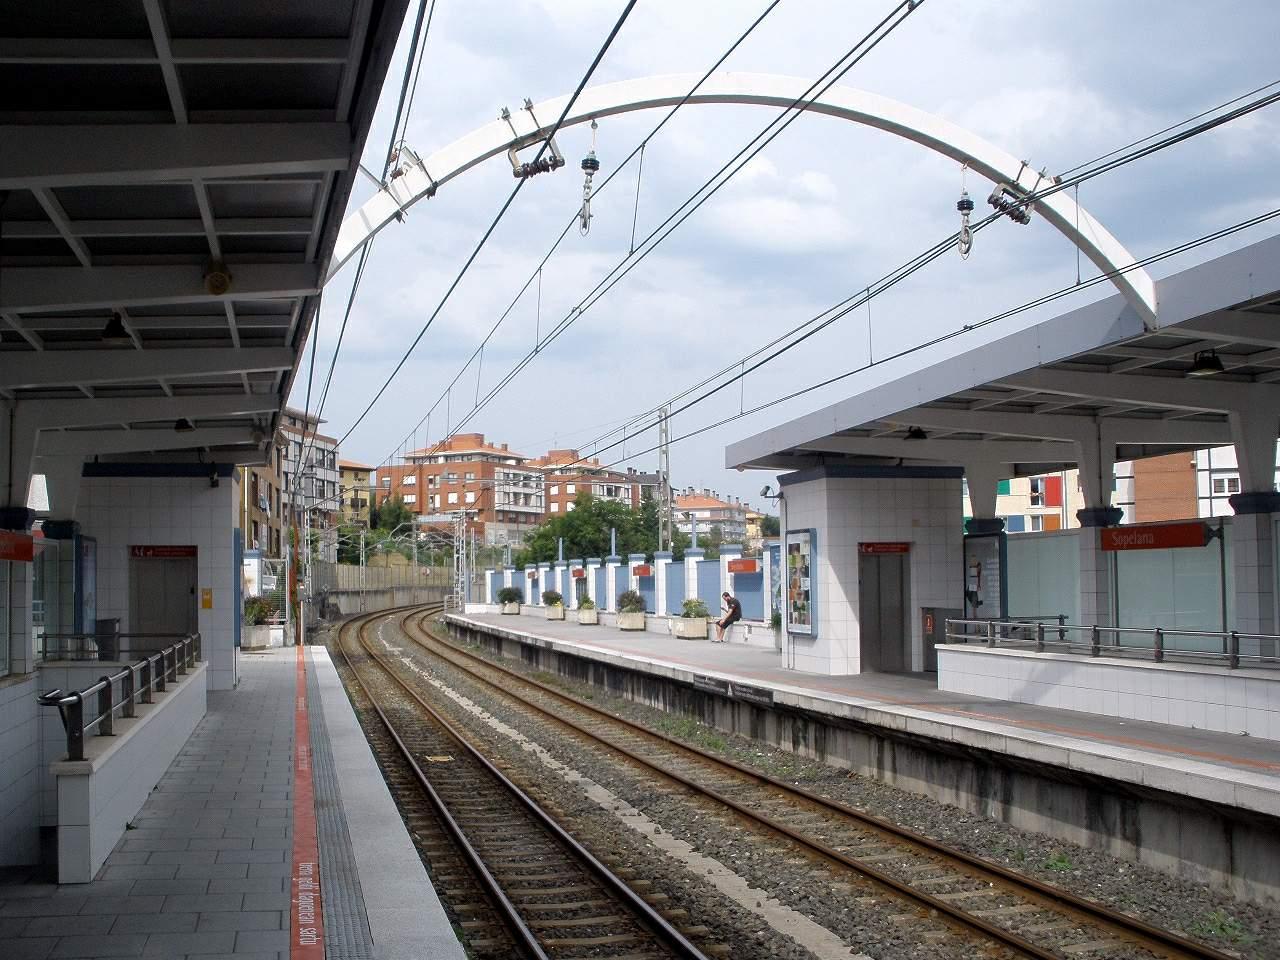 AVISO: Trabajos de mantenimiento del Metro en la calle Sugurdialde del 23 de noviembre al 4 de diciembre